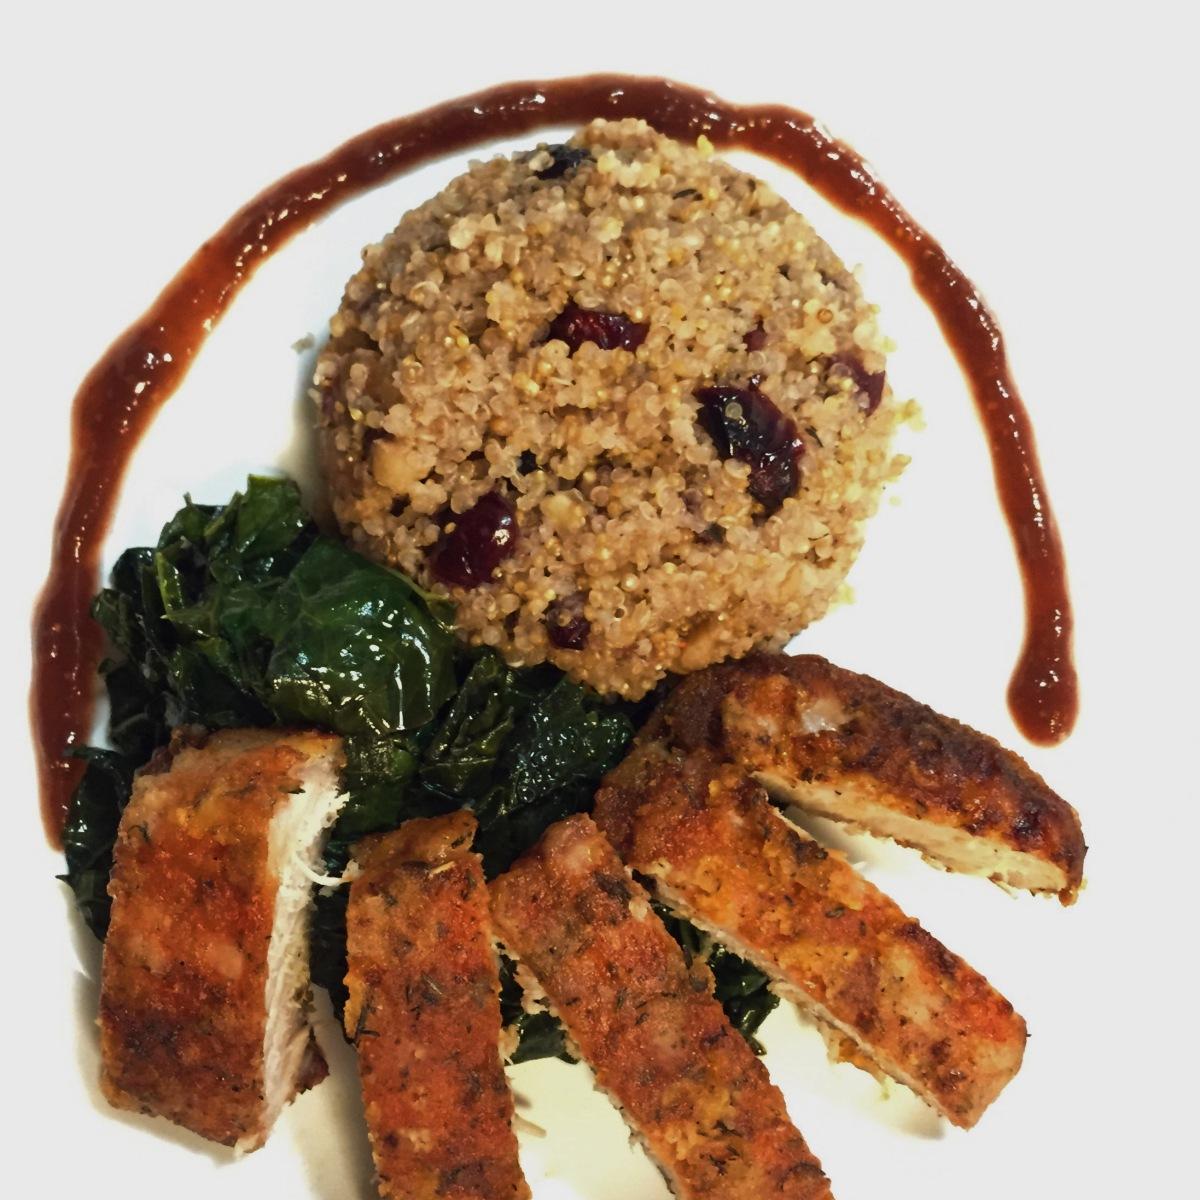 ... Quinoa, Walnut & Cranberry salad, and A Fig and Port Glaze | Chef